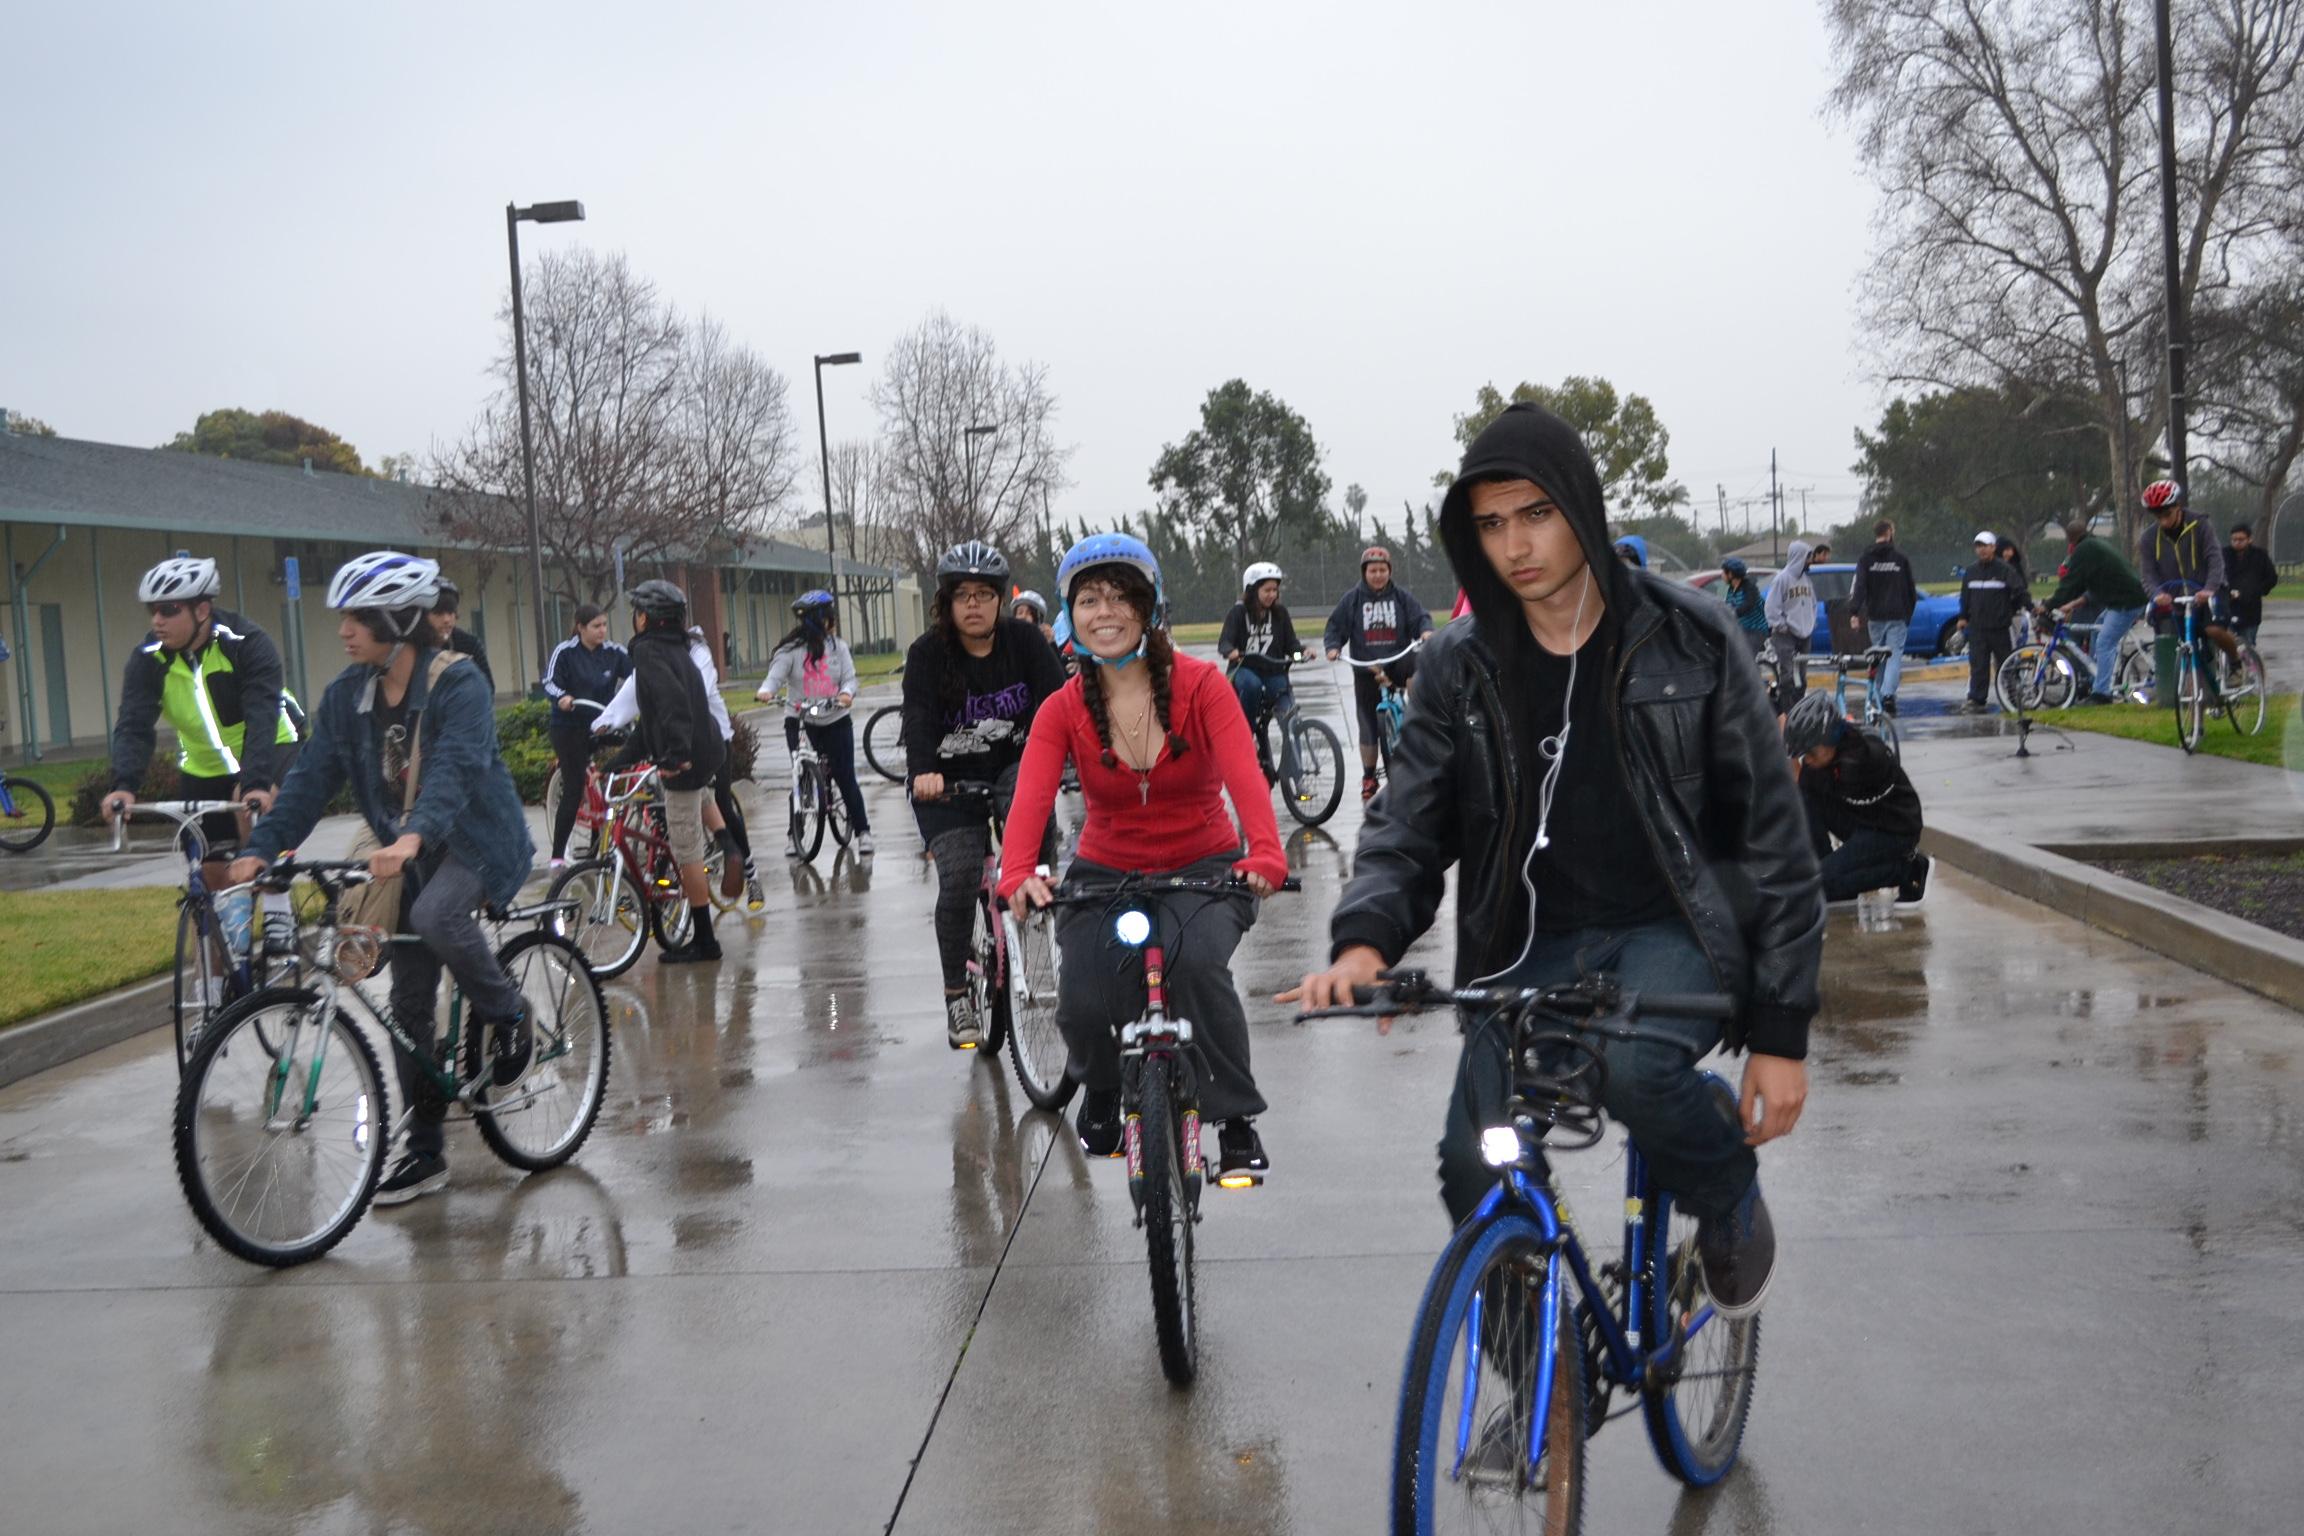 Llueve, truene o relampaguee, el evento se llevará acabo el sábado a las 10 a.m., en Westwood. (Foto de Agustín Durán/El Pasajero)